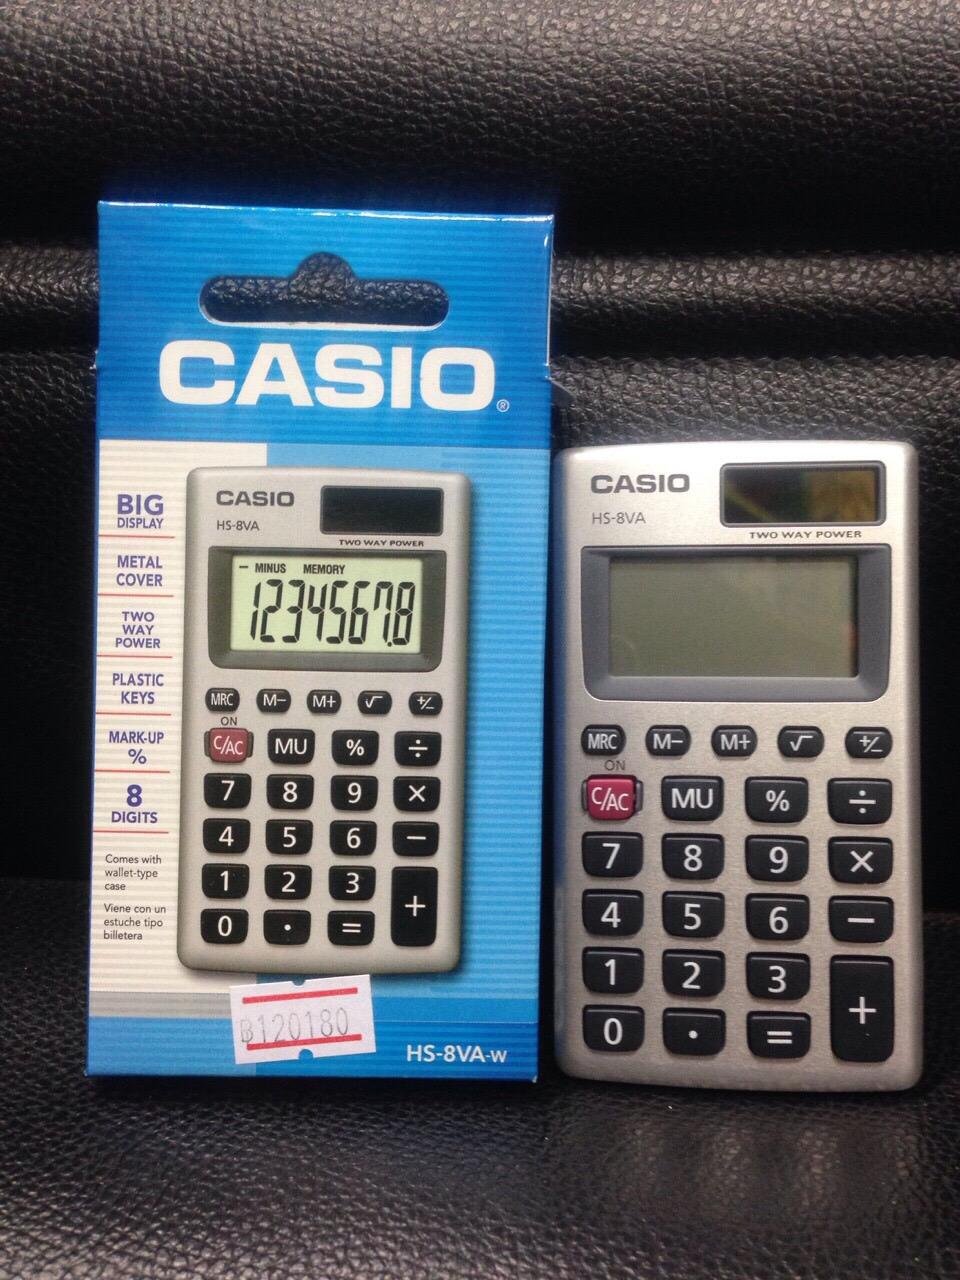 เครื่องคิดเลขพกพา Casio แท้ รุ่น HS-8VA